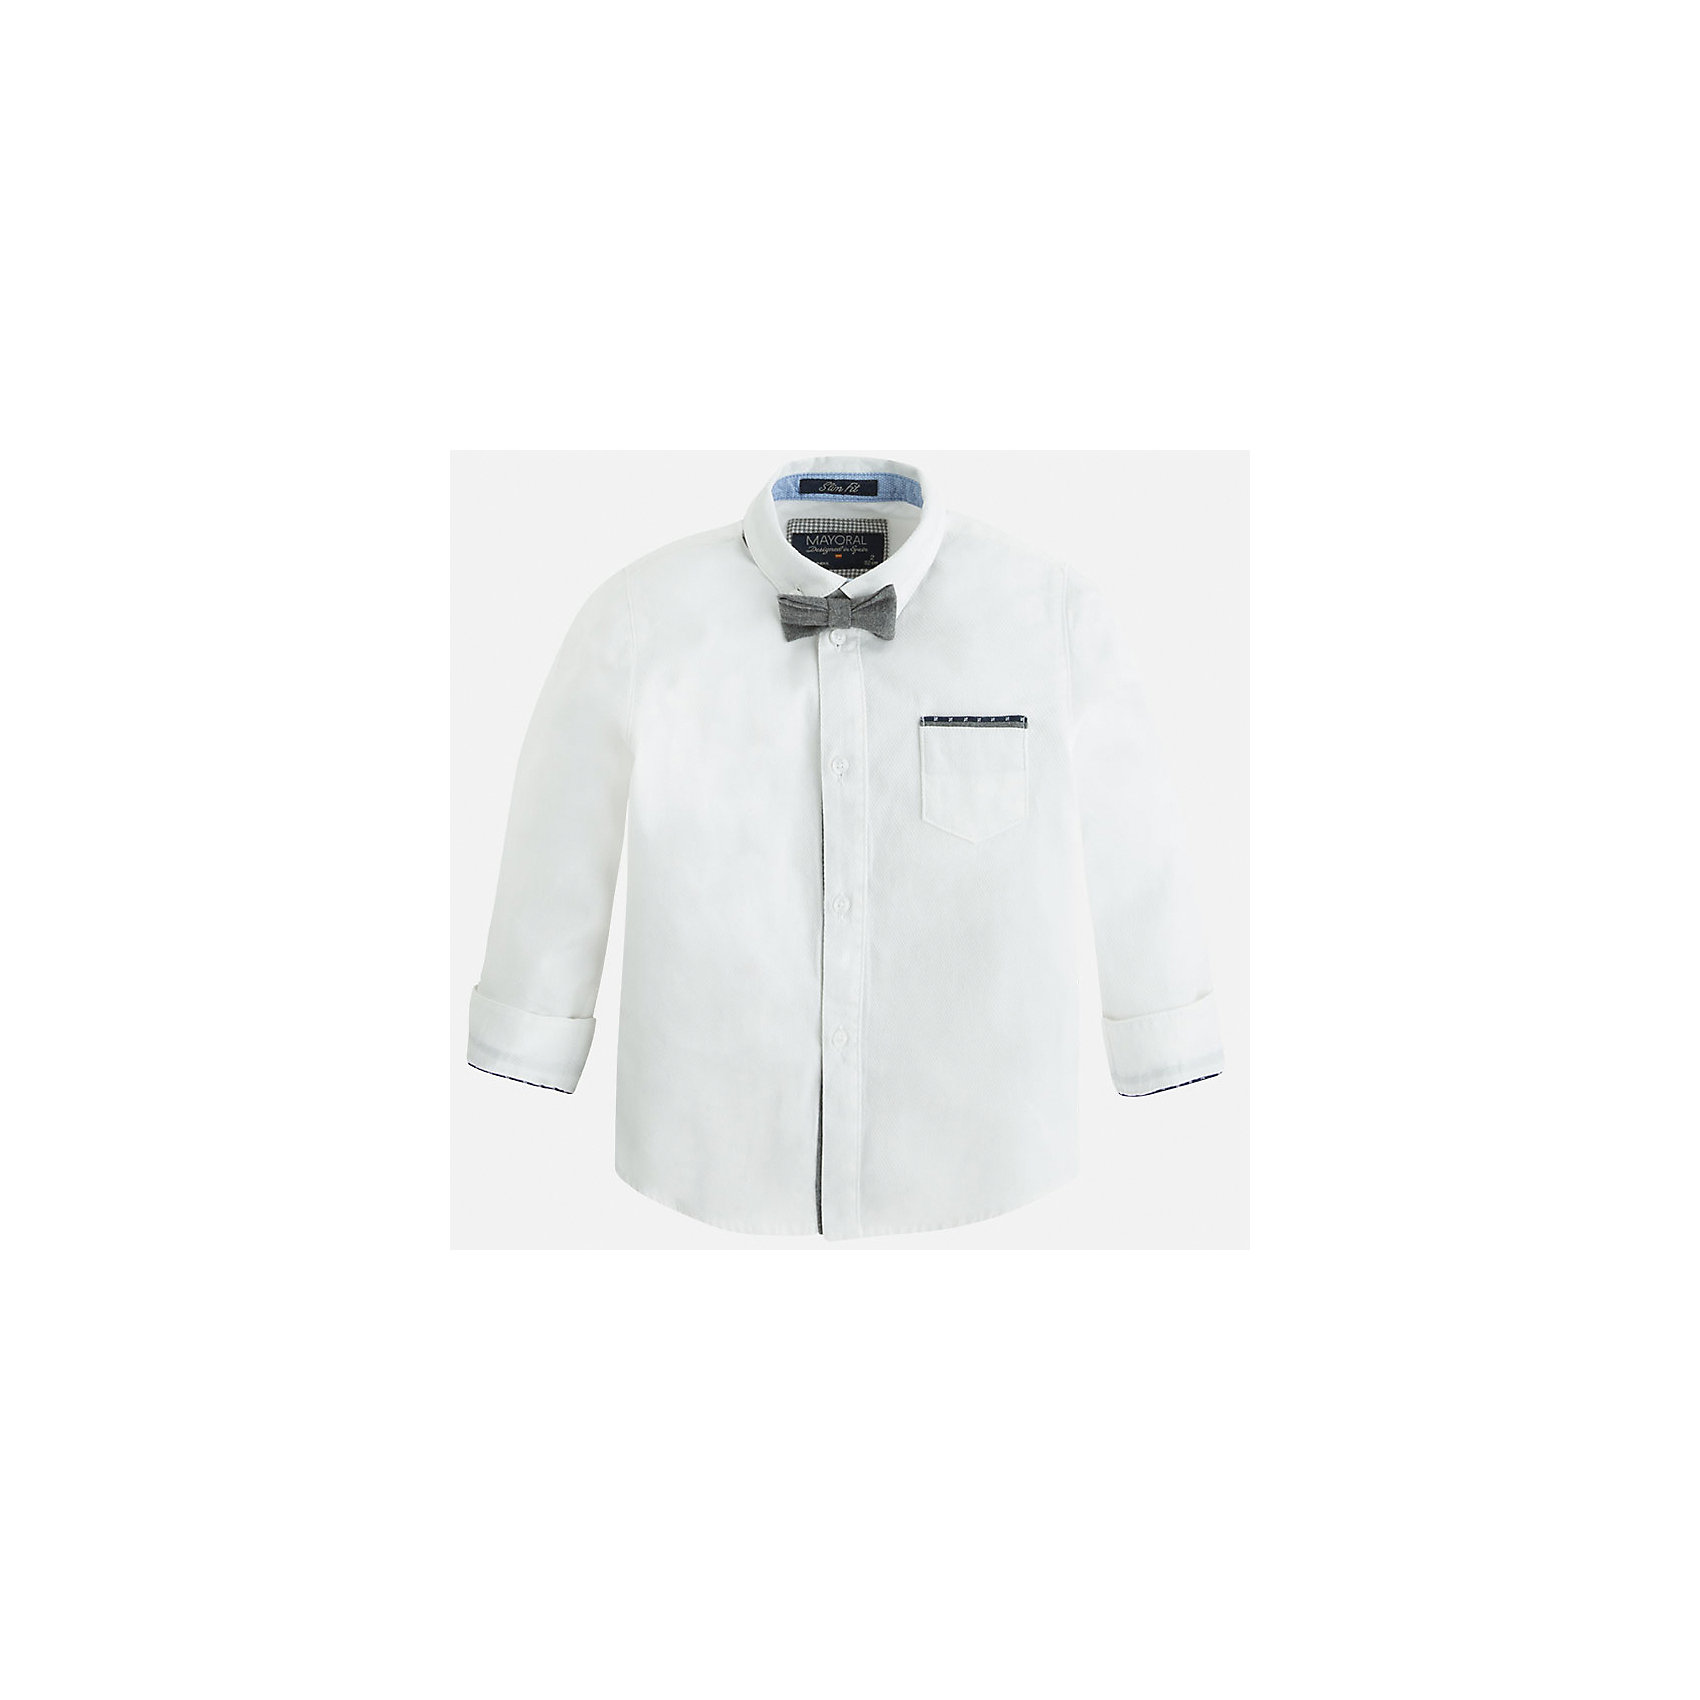 Рубашка для мальчика MayoralРубашка для мальчика Mayoral (Майорал) – это стильная модная модель для вашего маленького джентльмена.<br>Рубашка для мальчика с длинными рукавами от известной испанской марки Mayoral (Майорал) изготовлена из натурального хлопка. Рубашка застегивается на пуговицы, на груди имеется небольшой накладной карман, на локтях - контрастные декоративные заплатки, сочетающиеся по цвету с кантом на кармашке и манжетах. Модель дополнена небольшим элегантным галстуком-бабочкой серого цвета.<br><br>Дополнительная информация:<br><br>- Комплектация: рубашка с галстуком-бабочкой<br>- Цвет: белый<br>- Состав: 100% хлопок<br>- Уход: бережная стирка при 30 градусах<br><br>Рубашку для мальчика Mayoral (Майорал) можно купить в нашем интернет-магазине.<br><br>Ширина мм: 174<br>Глубина мм: 10<br>Высота мм: 169<br>Вес г: 157<br>Цвет: белый<br>Возраст от месяцев: 48<br>Возраст до месяцев: 60<br>Пол: Мужской<br>Возраст: Детский<br>Размер: 110,104,116,128,134,122,98<br>SKU: 4821110